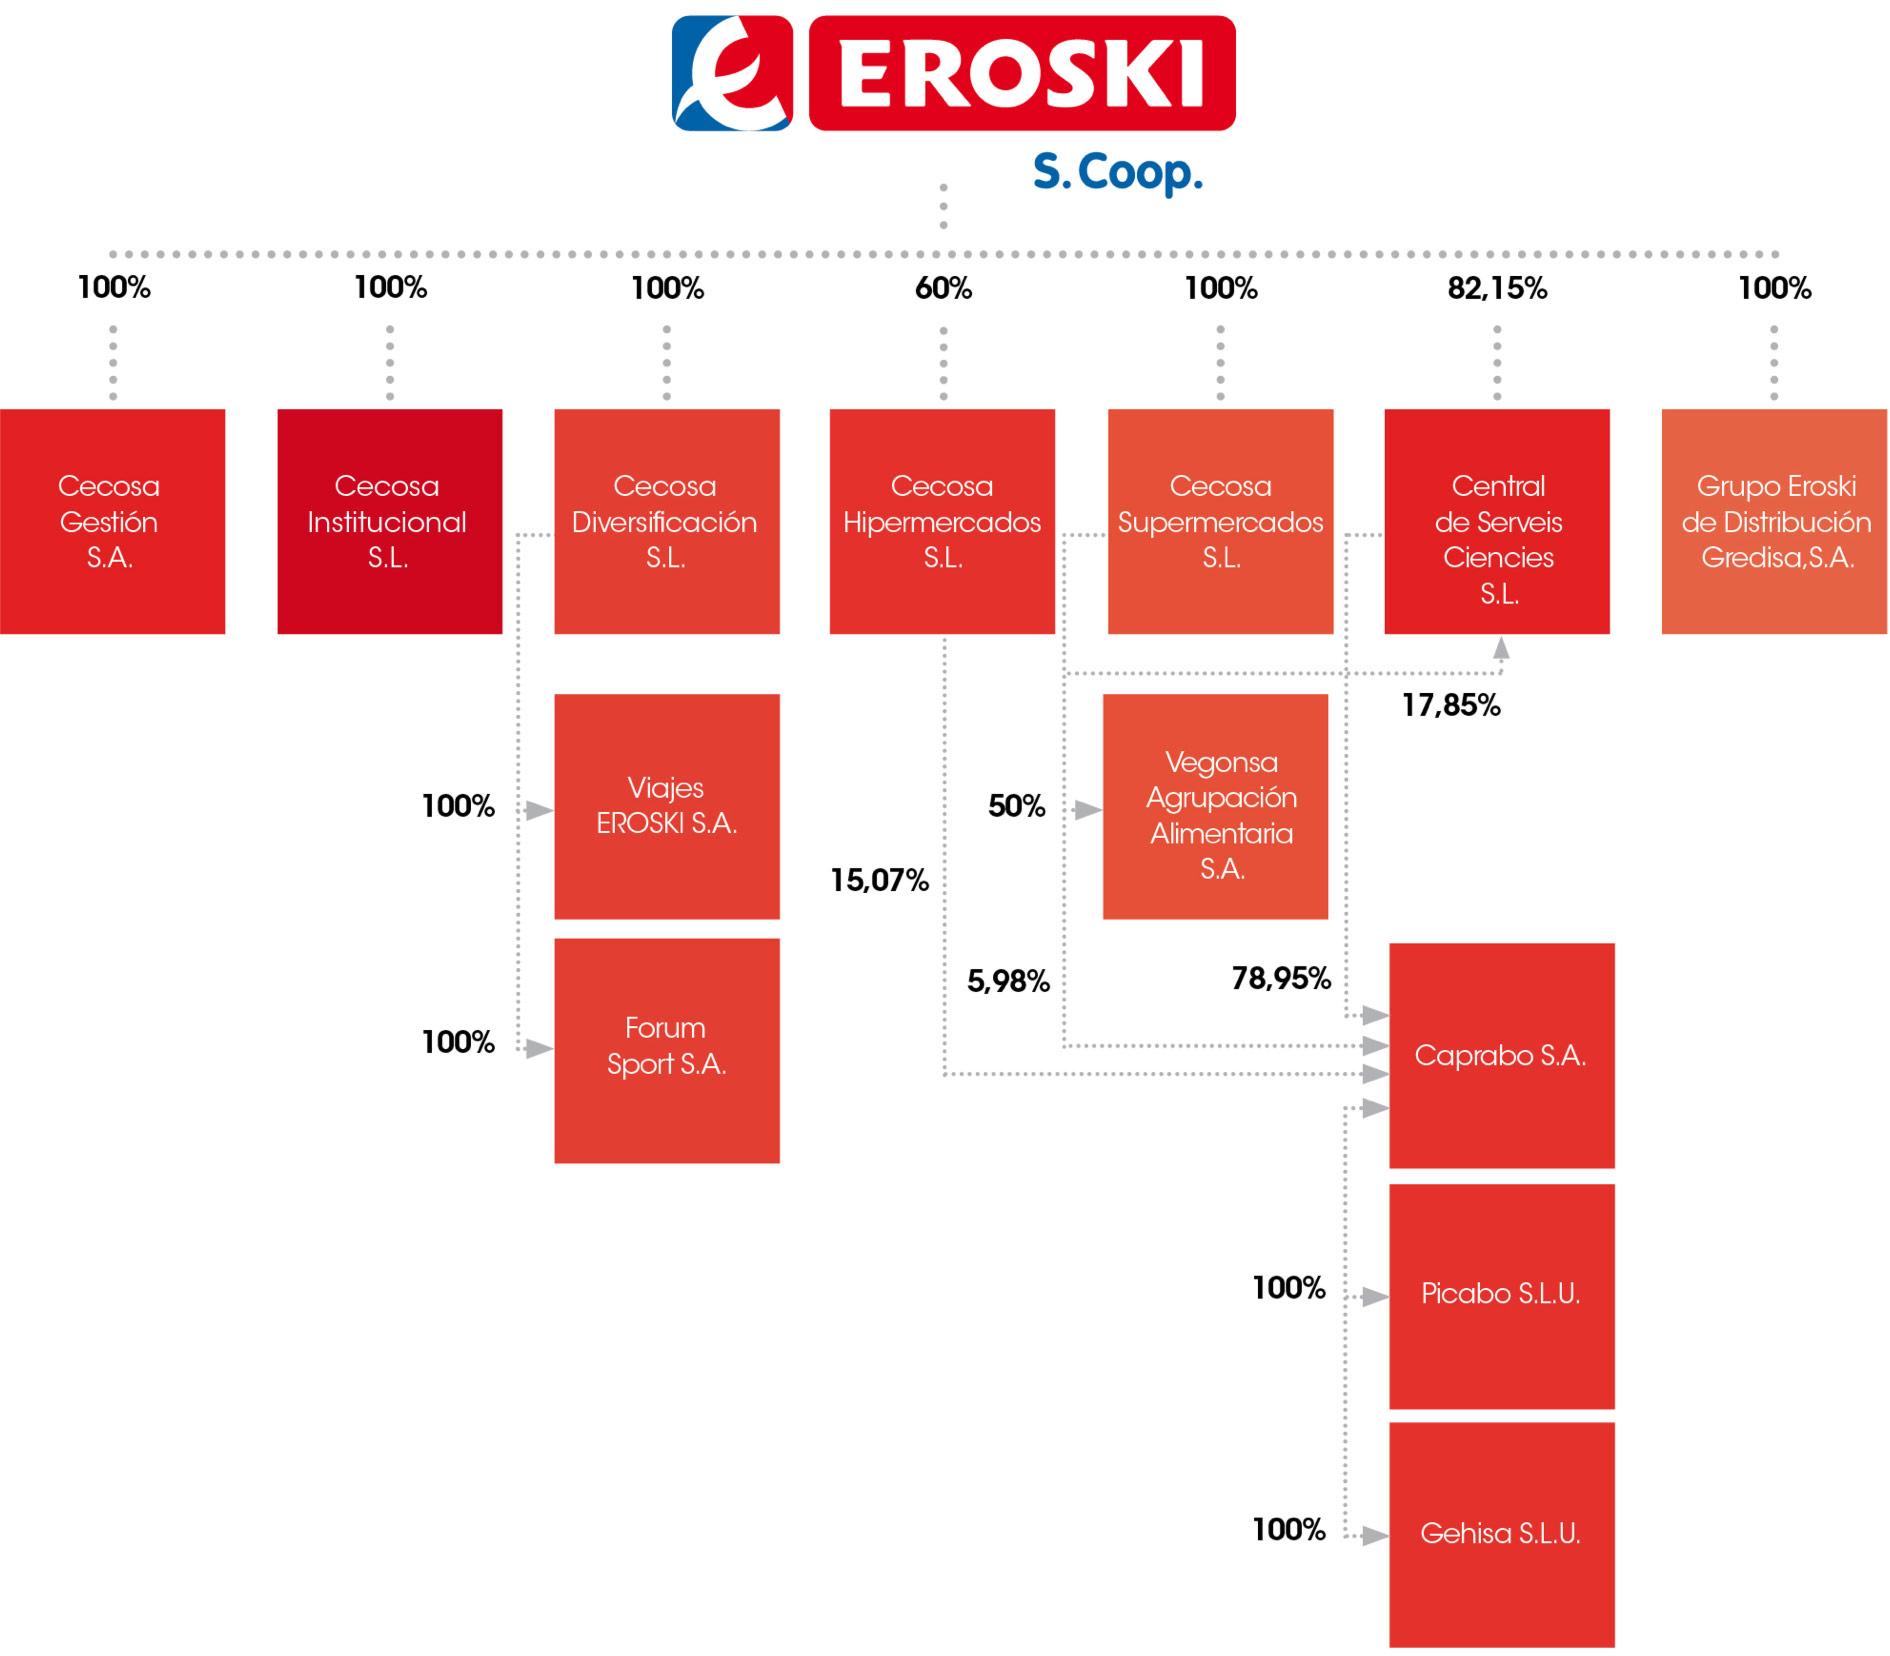 Organigrama societario de participación de Eroski